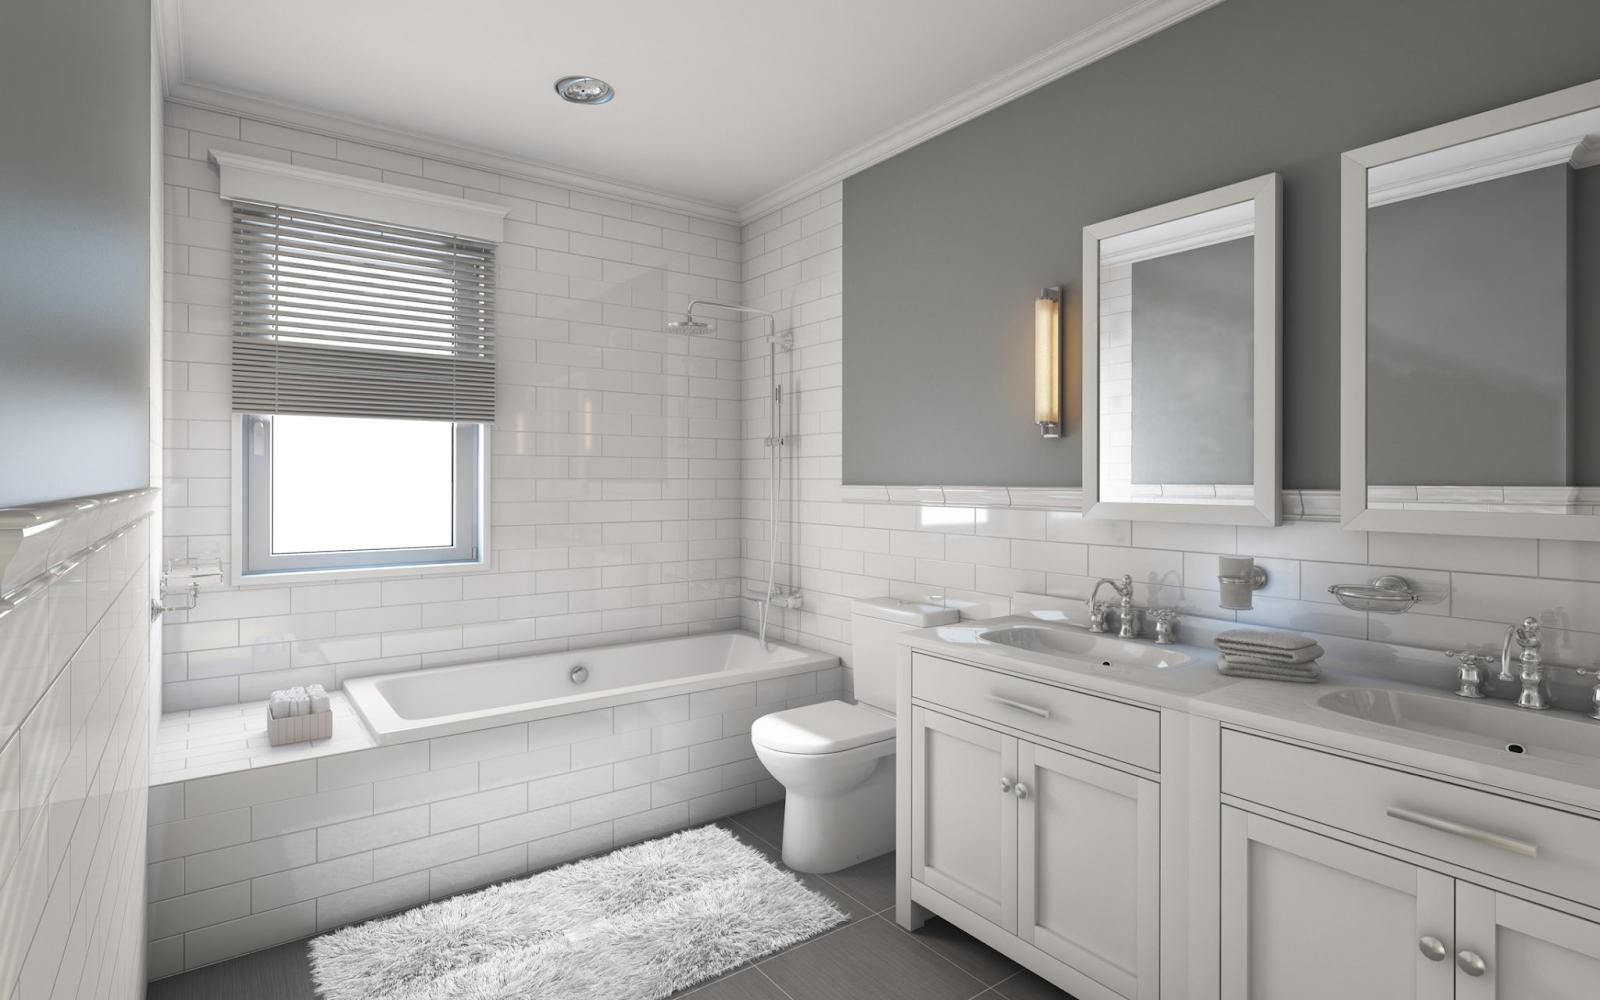 40 Free Shower Tile Ideas Tips For Choosing Tile Why Tile inside size 1600 X 1000